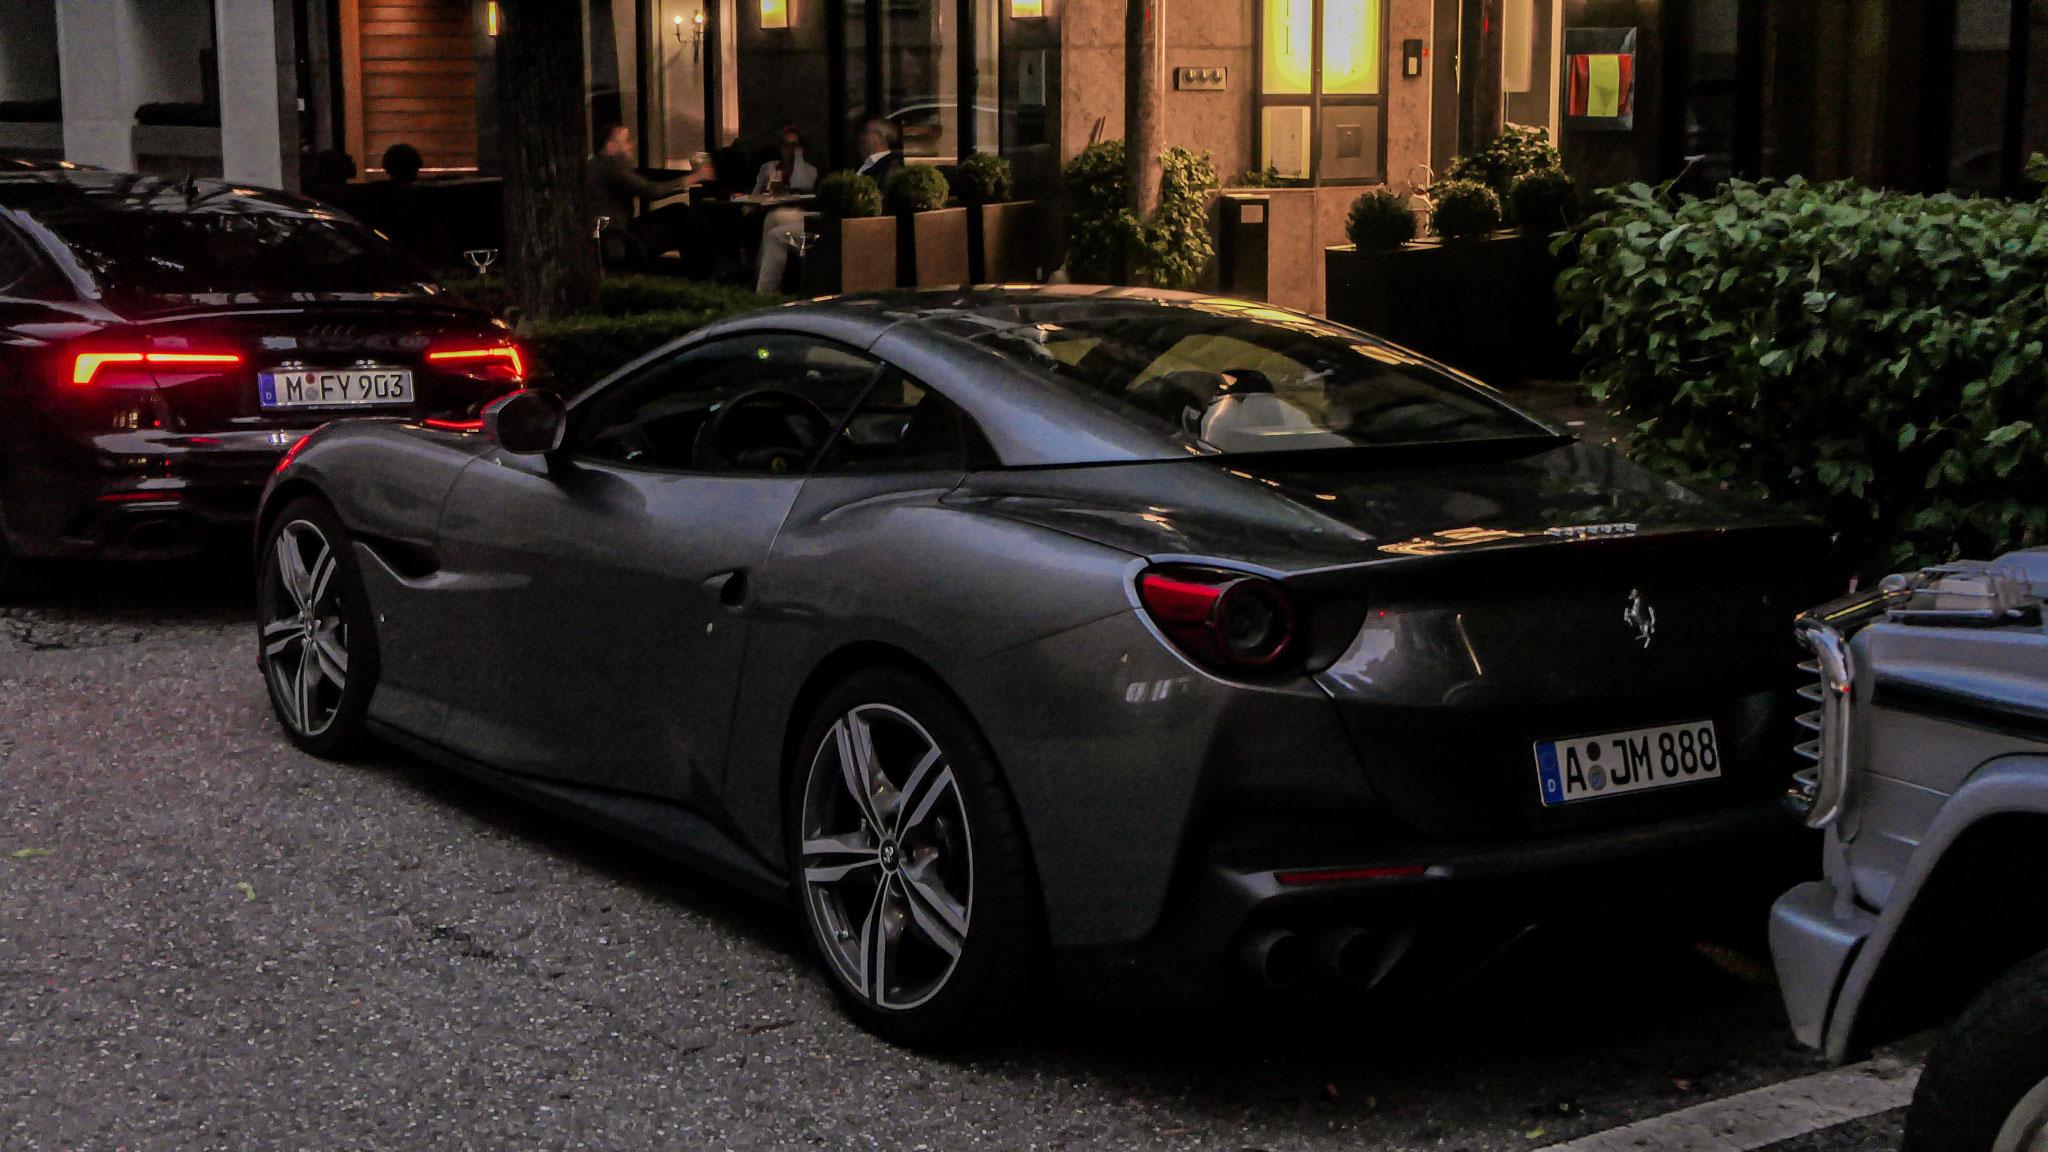 Ferrari Portofino - A-JM-888